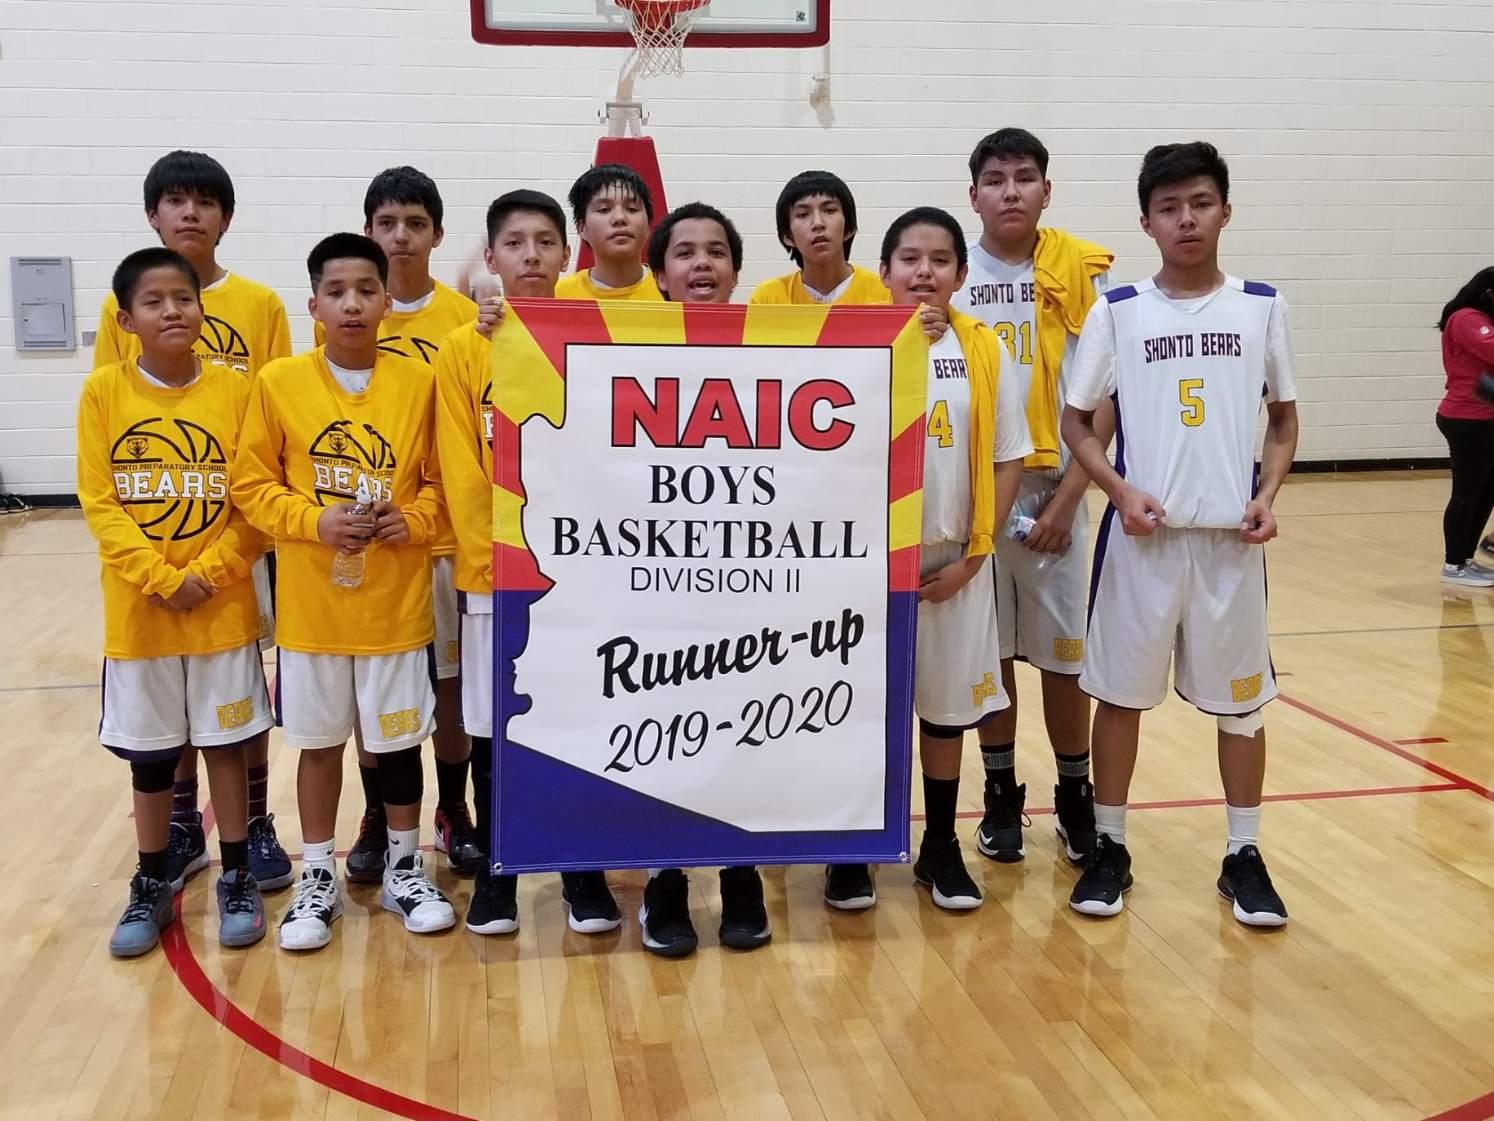 NAIC Championships